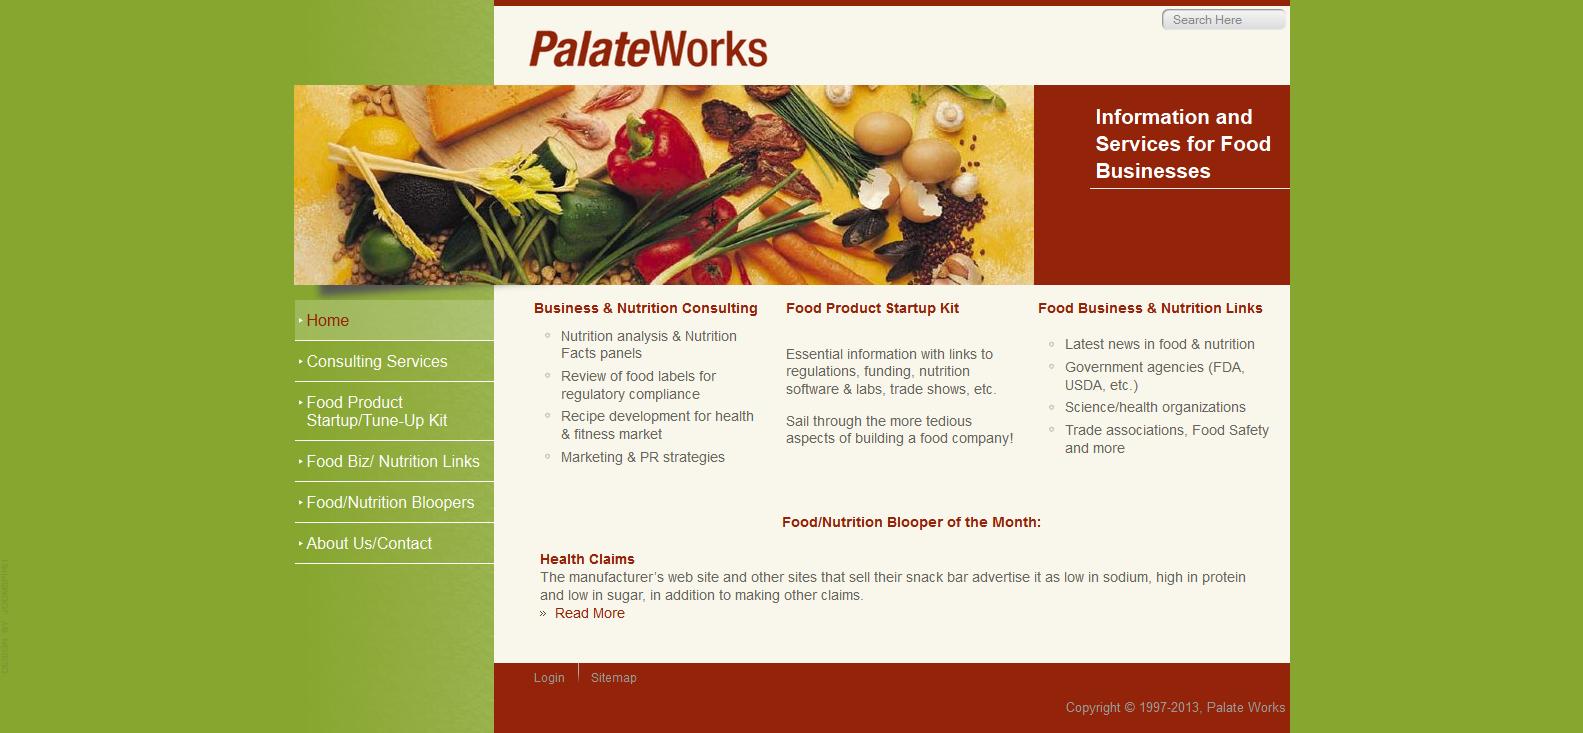 palateworks